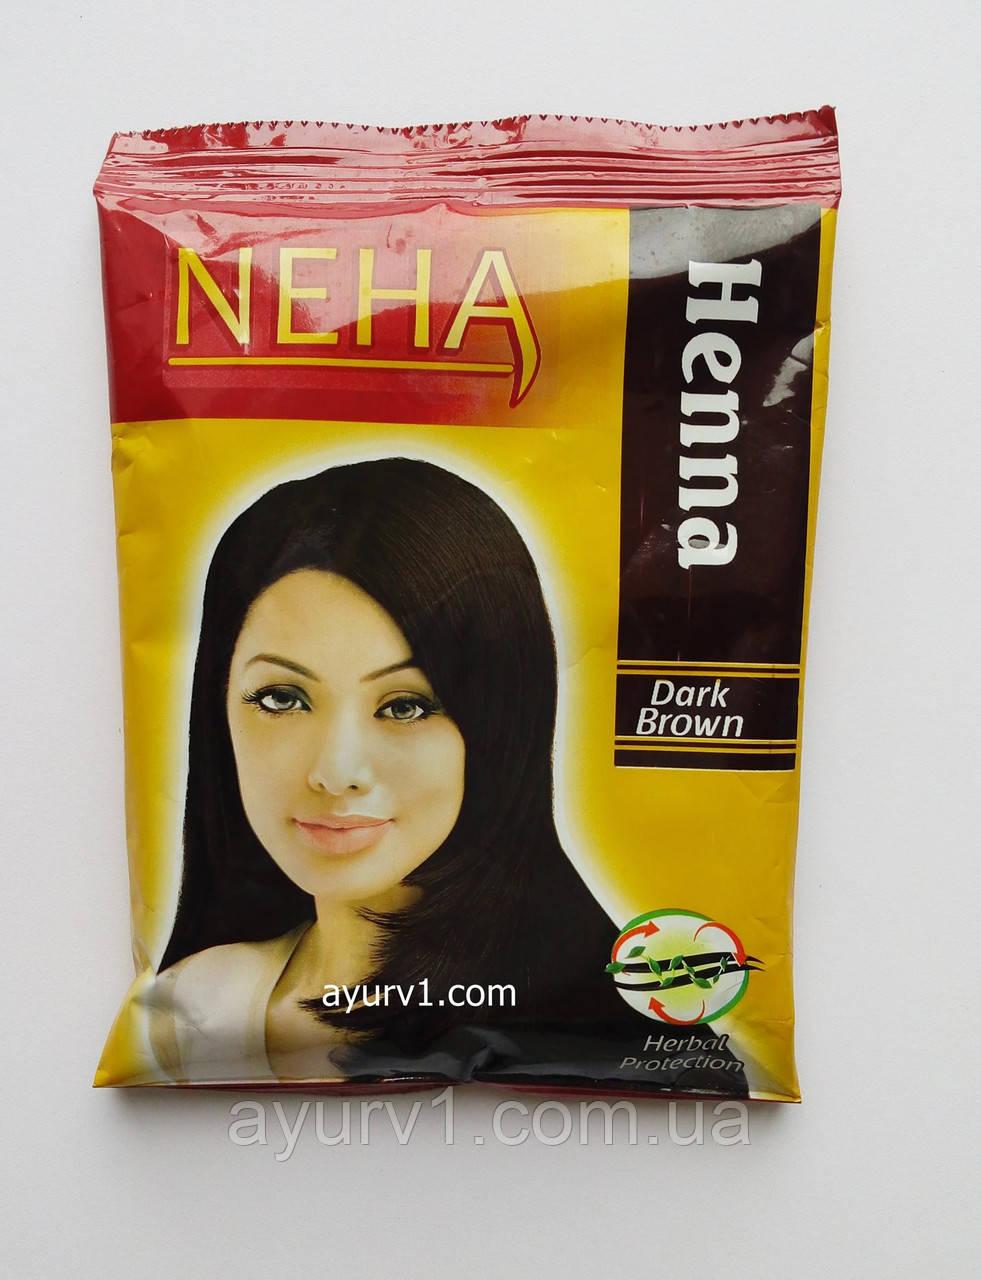 Натуральная хна для волос Неха ,Темный коричневый, Herbal Neha, Dark Brown, 15 г.